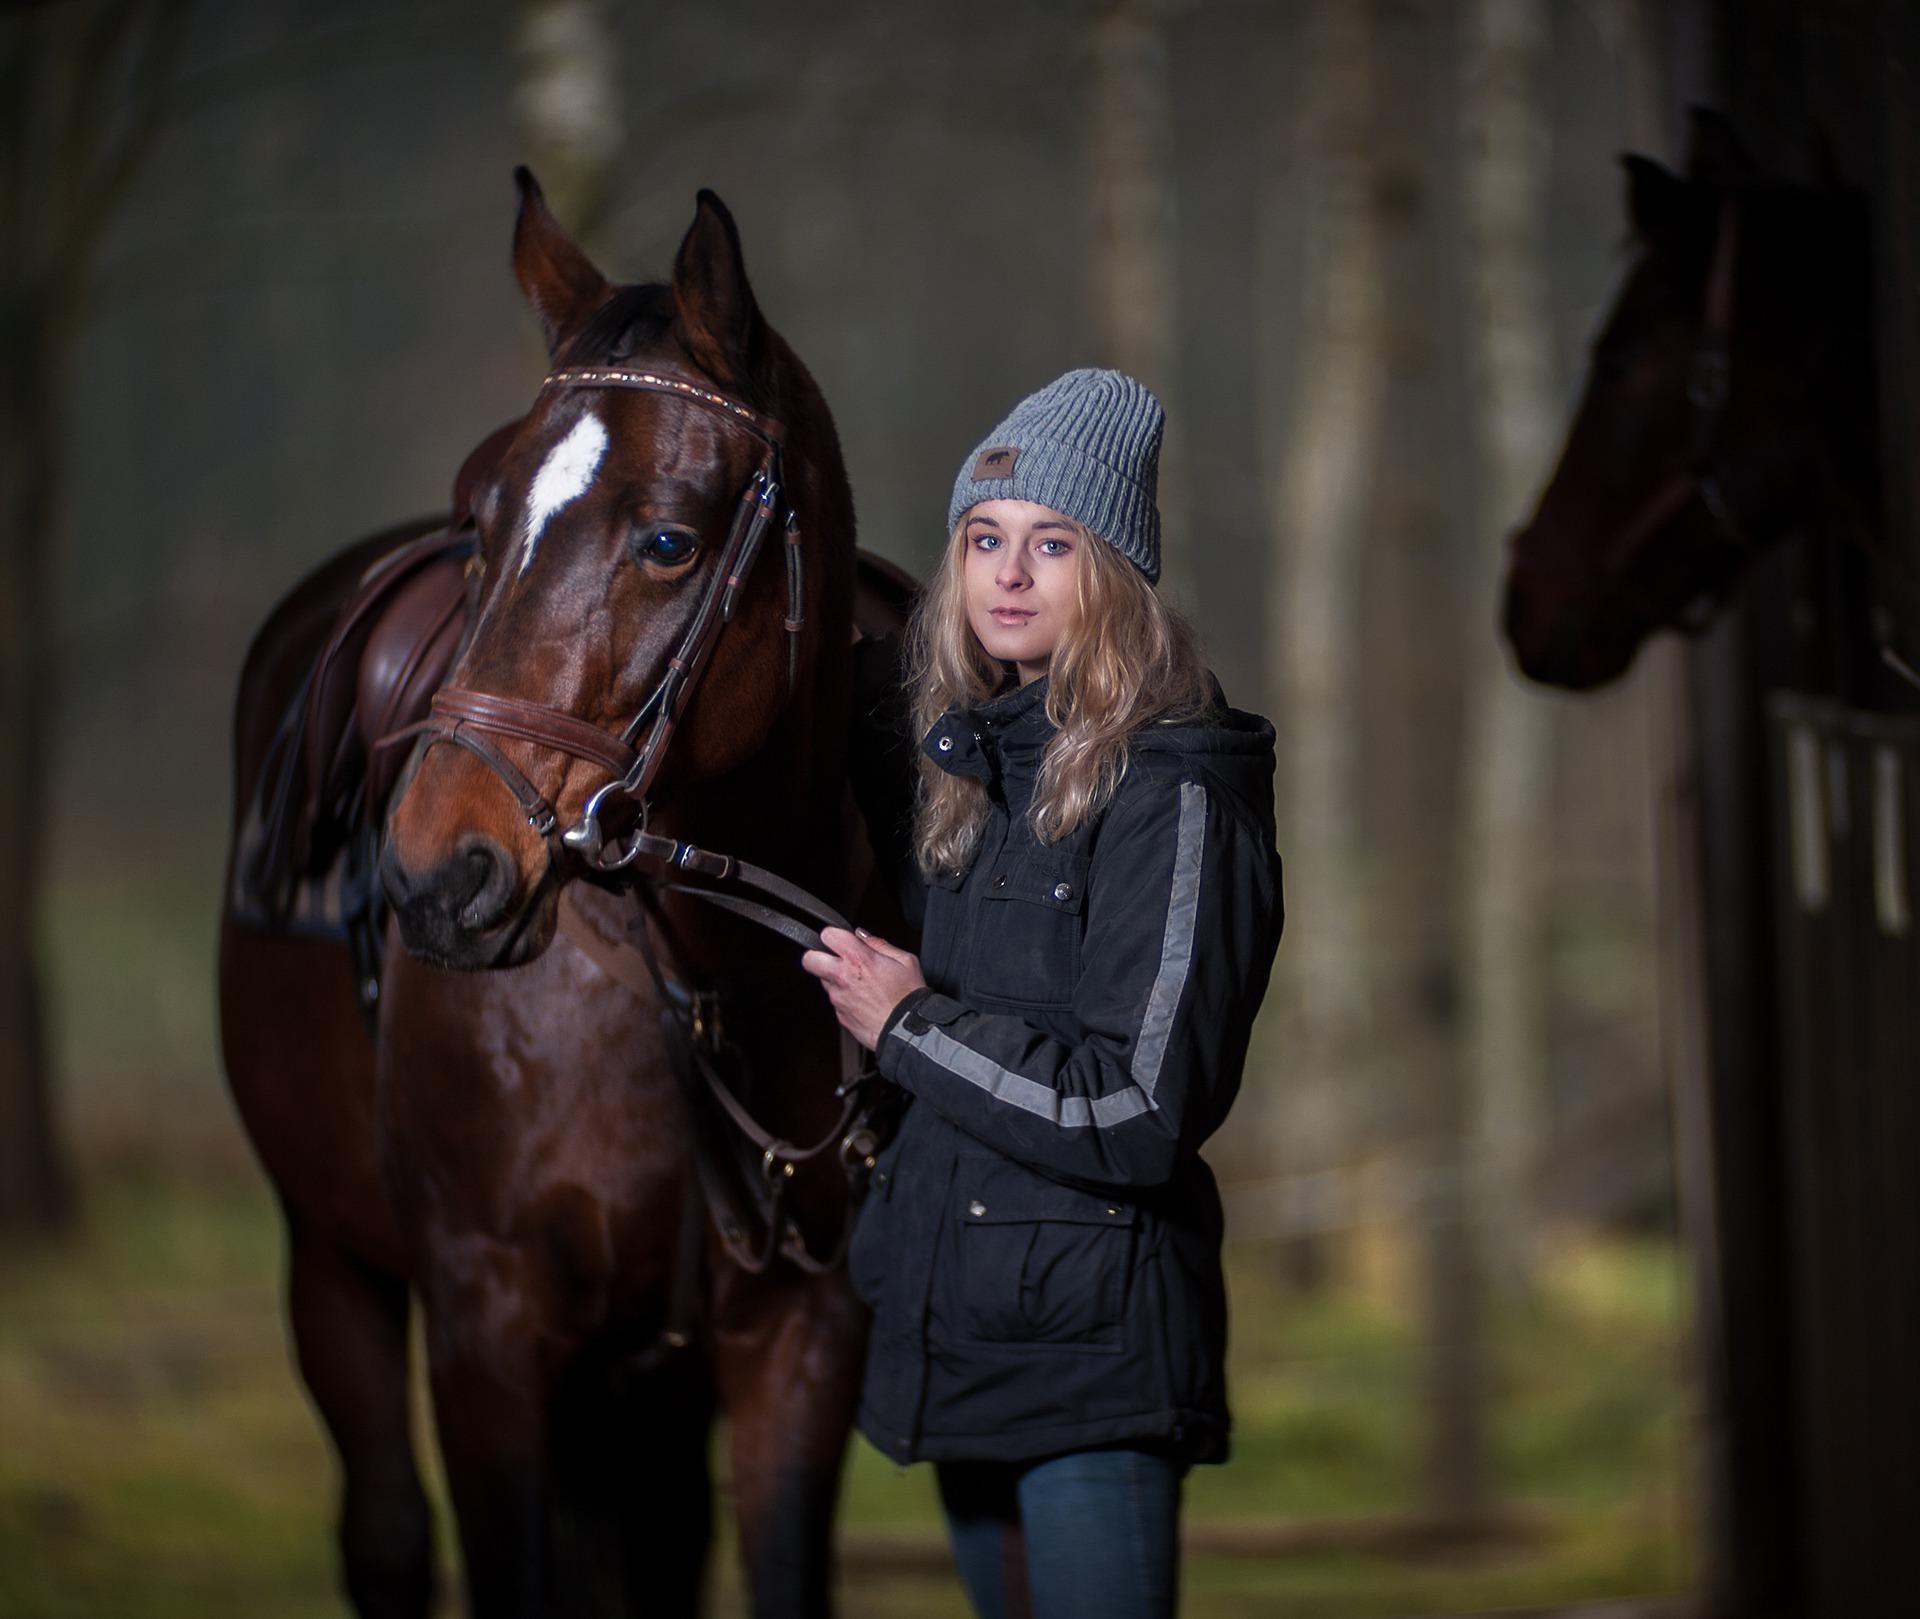 ילדה עומדת ליד סוס